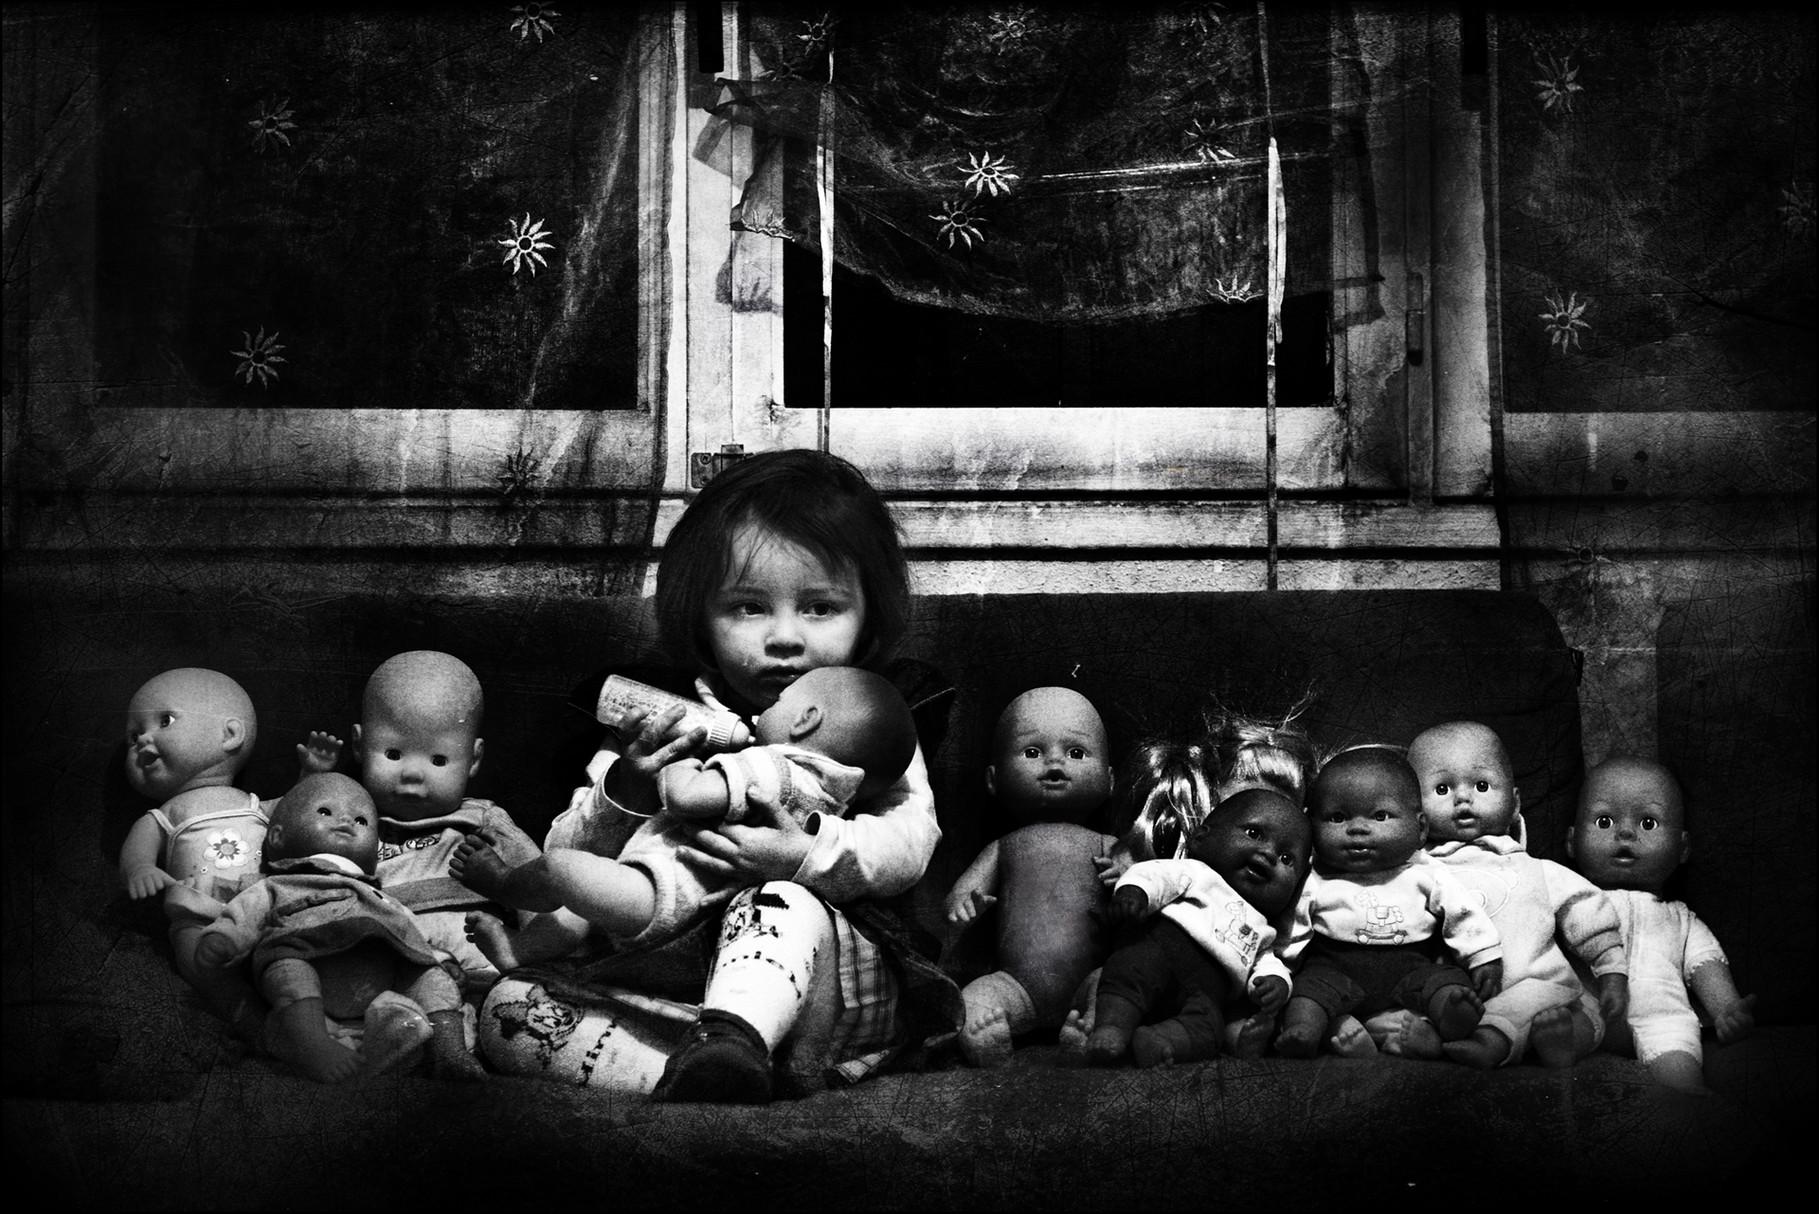 Jorris Martinez-Les poupées